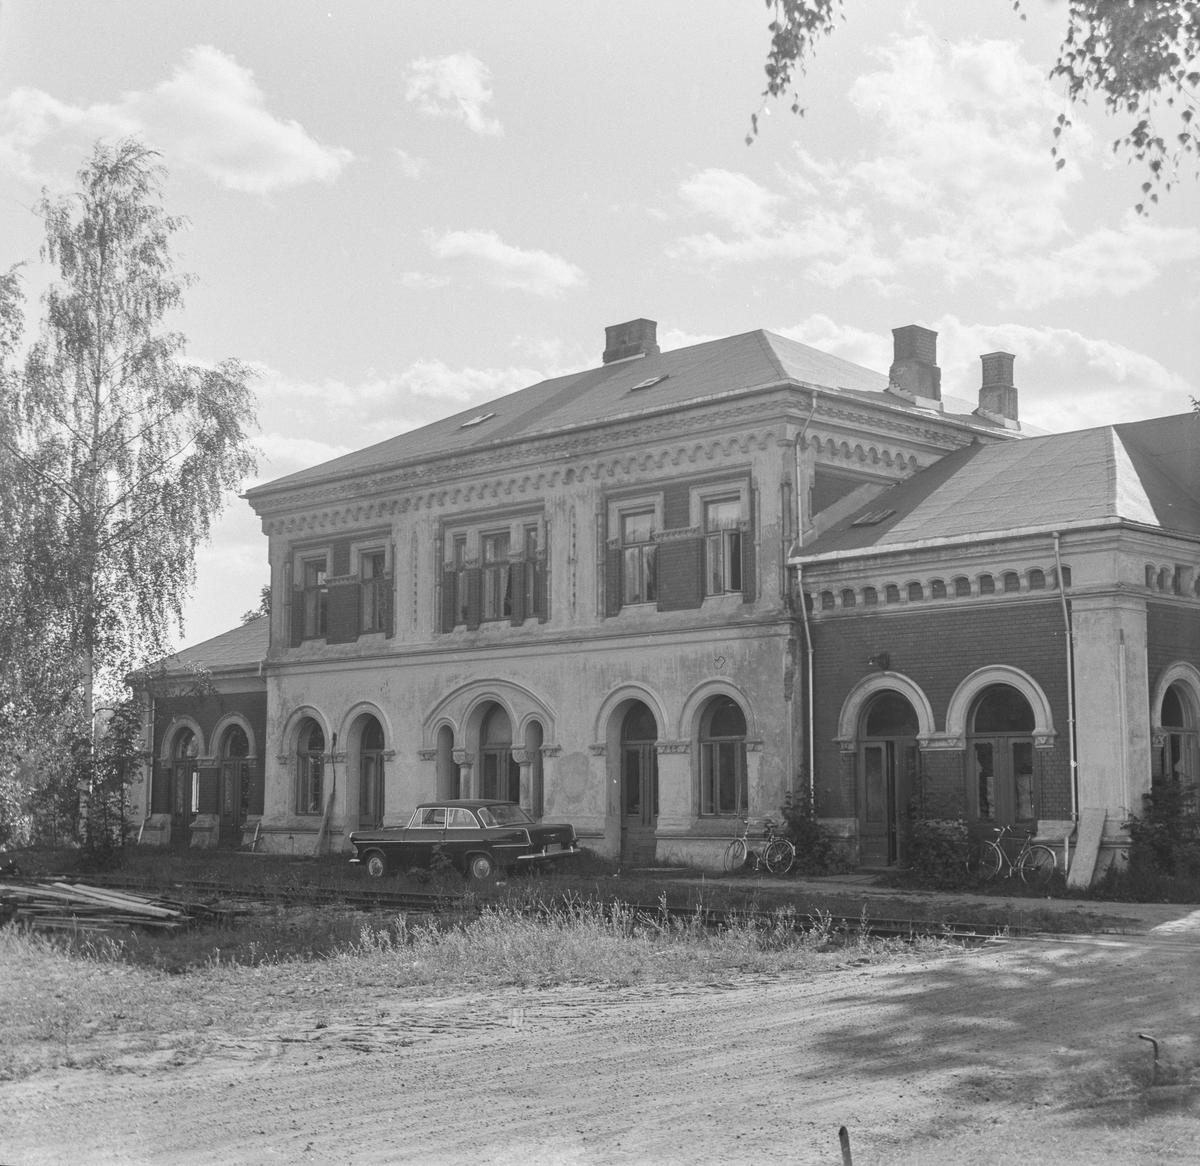 Kongsberg gamle stasjon. Kongsberg fikk ny stasjon i 1917 i forbindelse med byggingen av Sørlandsbanen, og linjen ble lagt om, utenom den opprinnelige stasjonen.